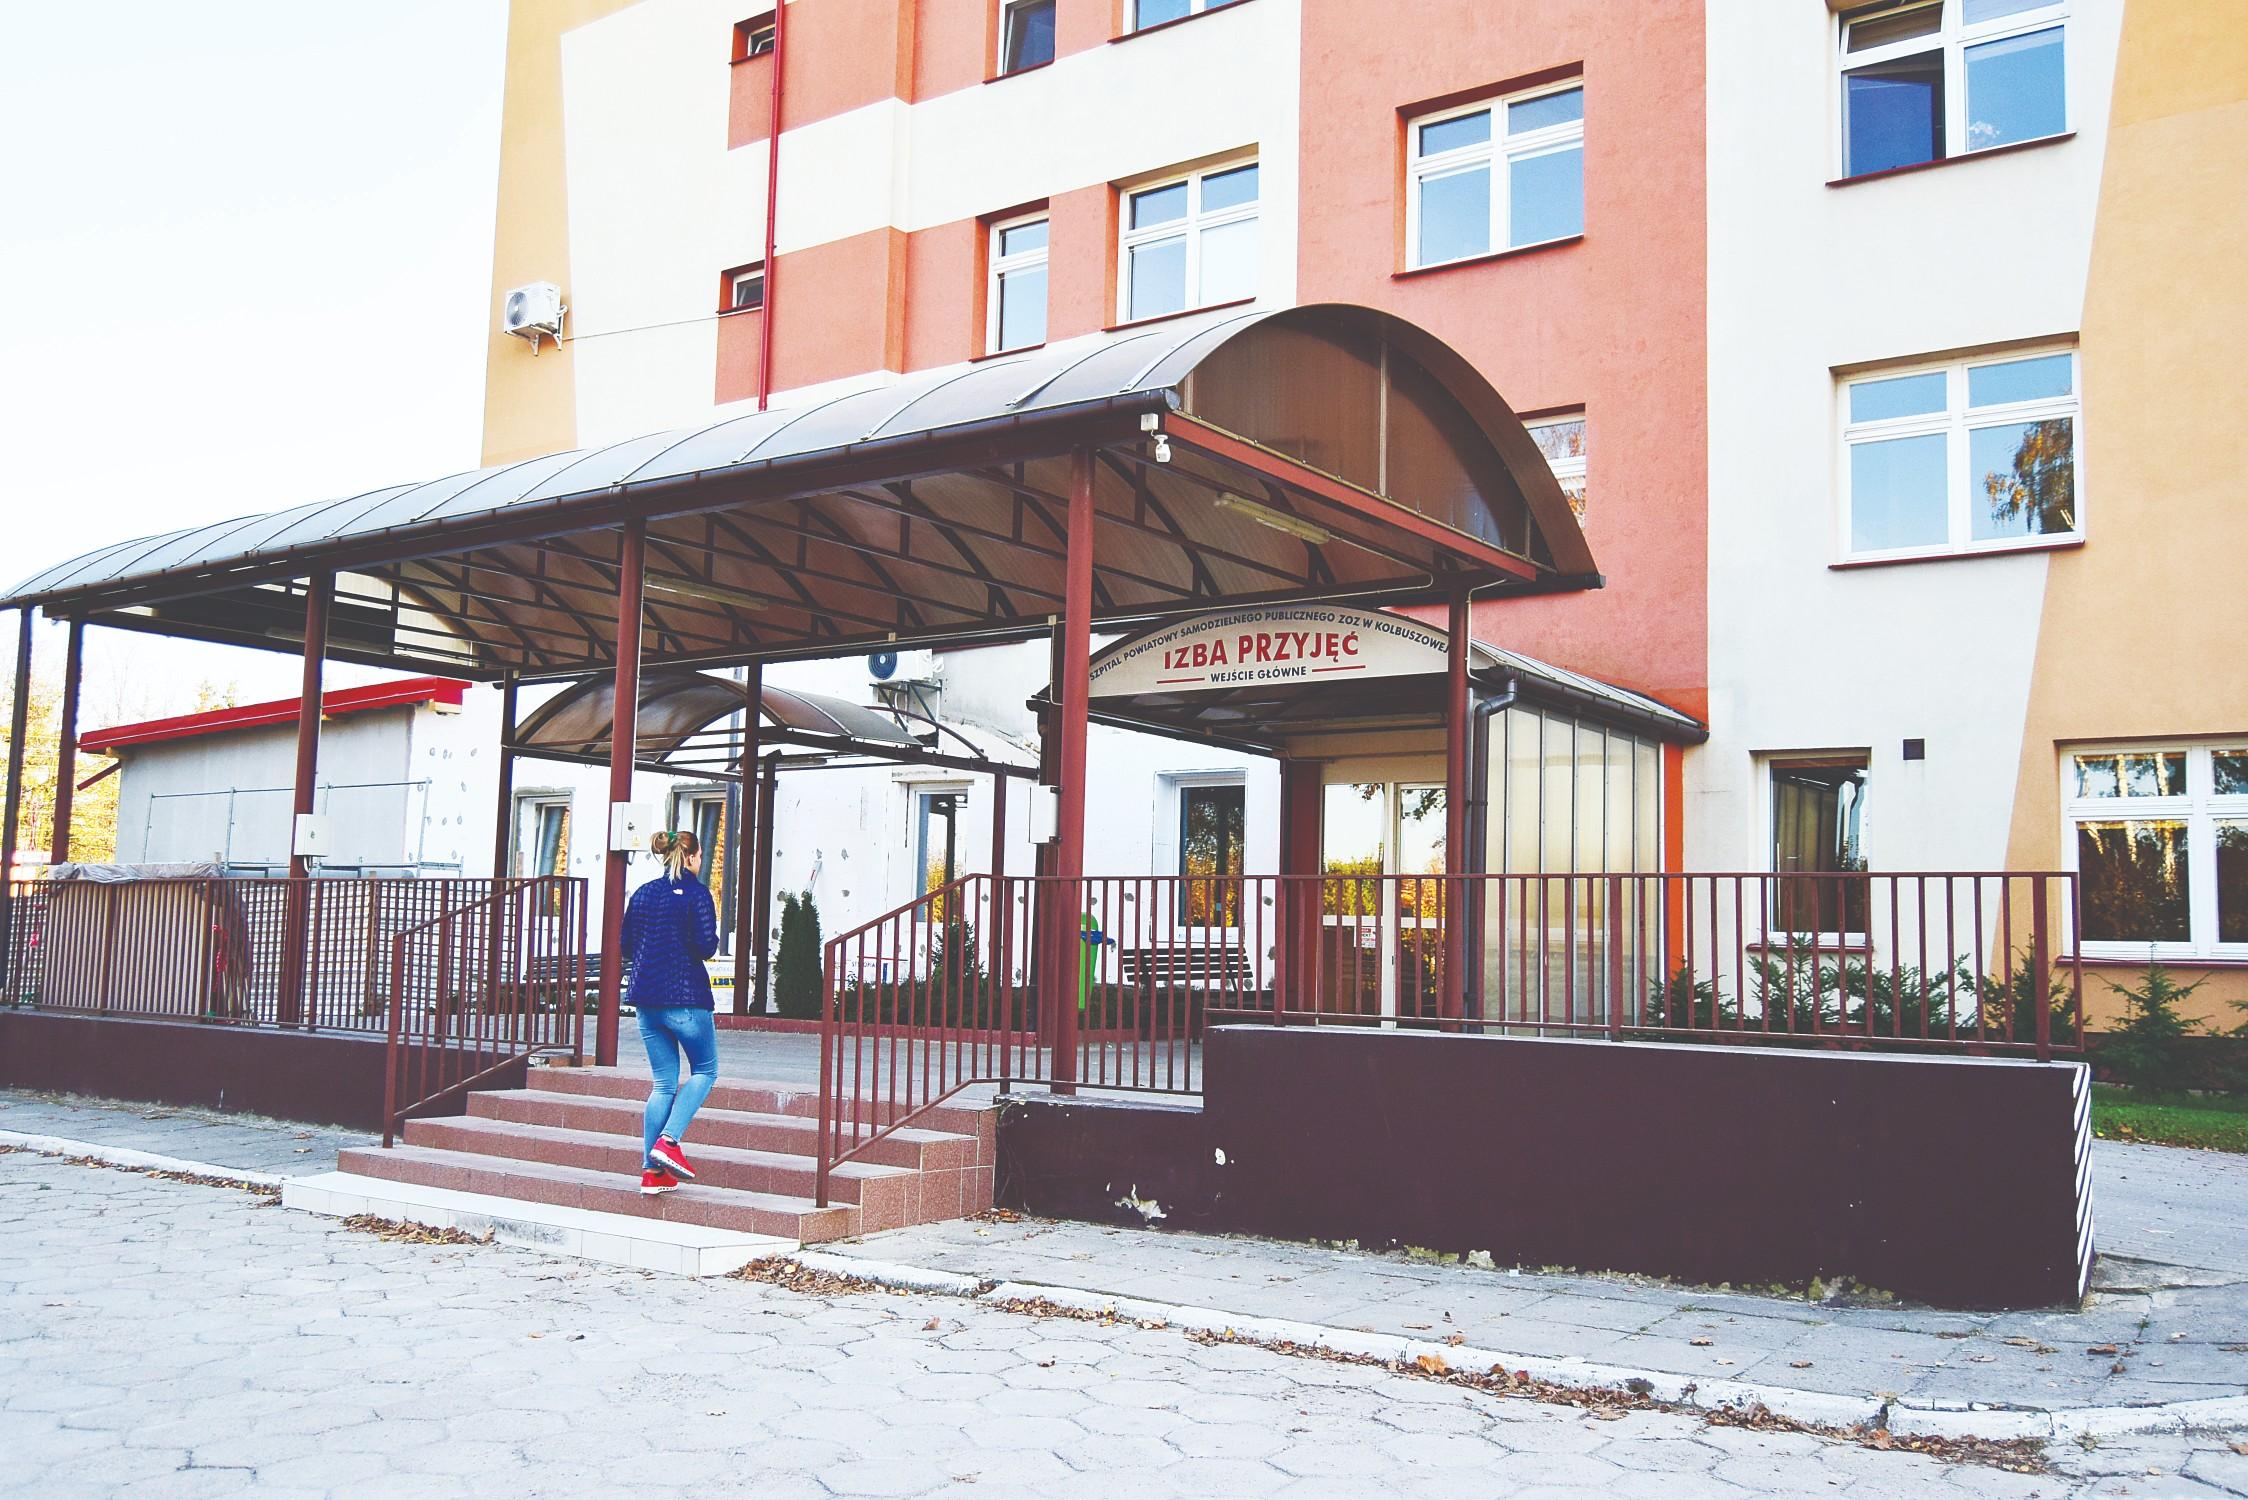 Pracownik firmy świadczącej usługi w kolbuszowskim szpitalu przyszedł do pracy pod wpływem alkoholu - Zdjęcie główne